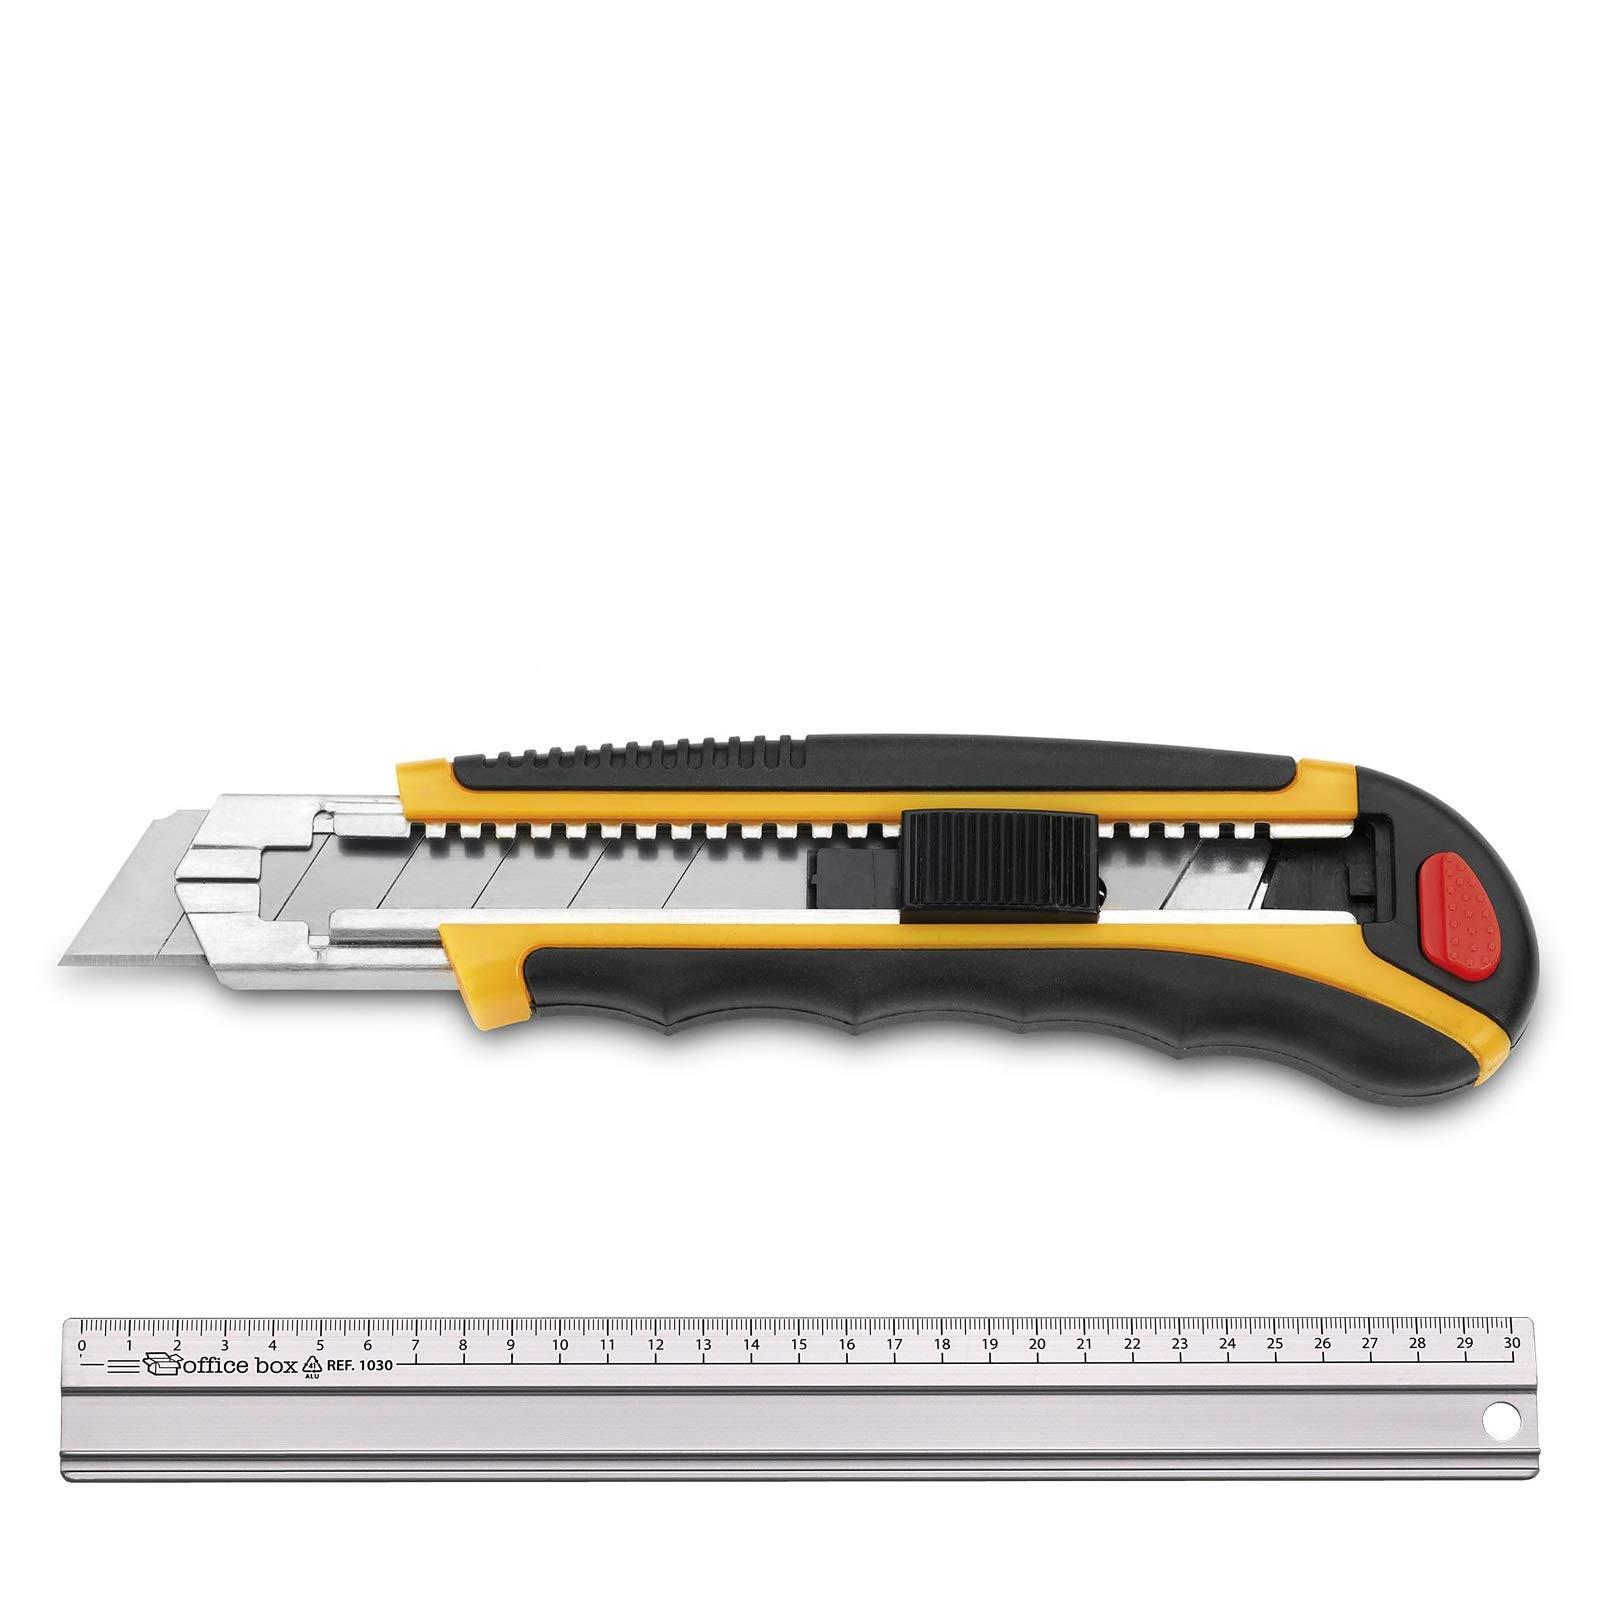 3 Claveles - Pack Cutter Alto Rendimiento Metálico con Armazon Nylon/ABS (Mod. 208 Regla): Amazon.es: Bricolaje y herramientas